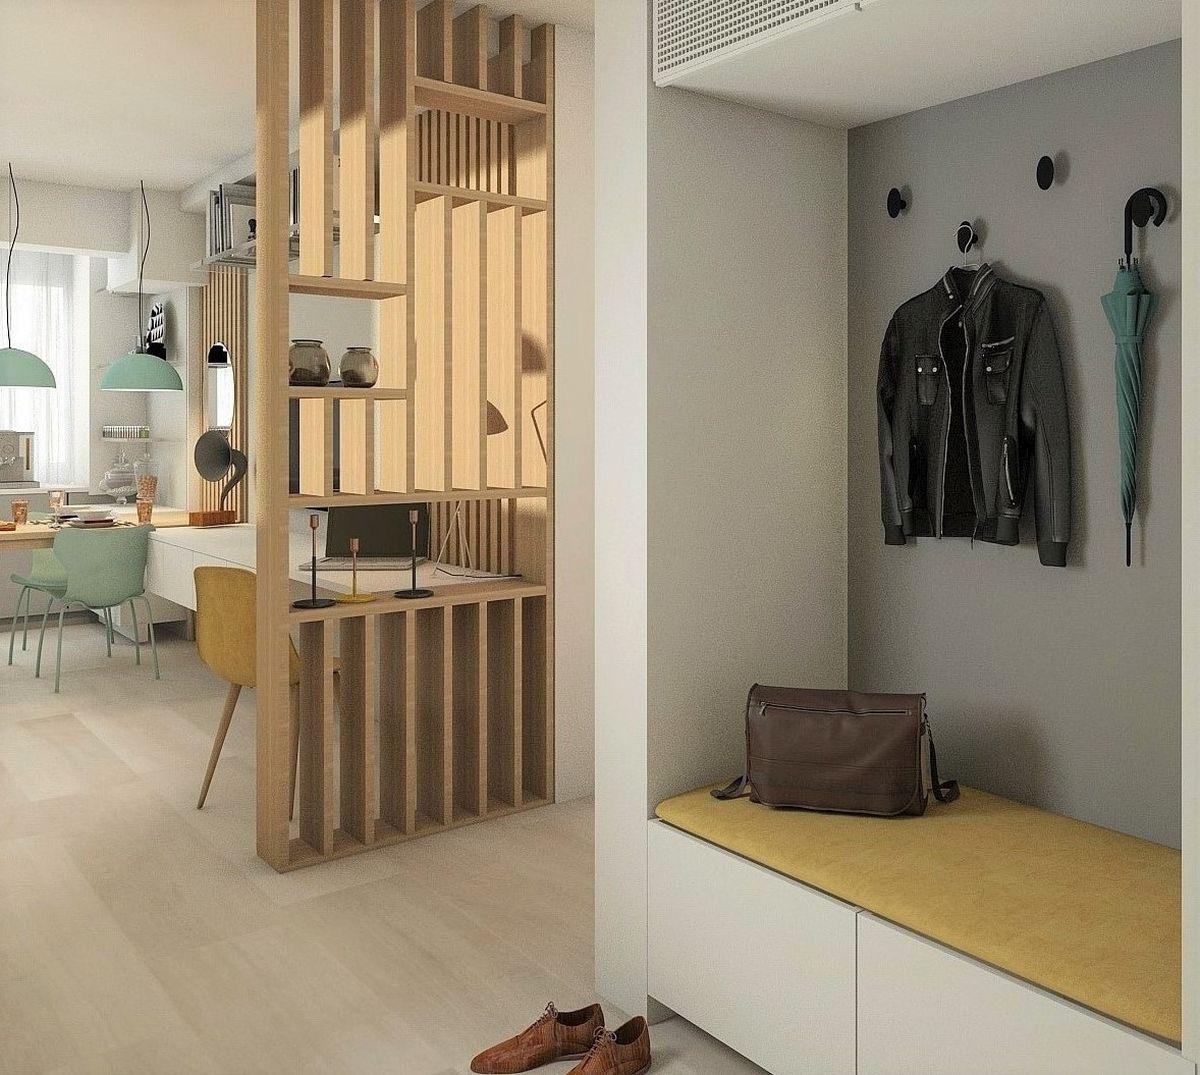 De regulă, în locuințele noi, zonele de hol sunt deschise către cele de zi, adică living și bucătărie. Prin mobilare însă, se pot delimita și organiza clar funcțiunile, lăsând totodată lumina naturală să pătrundă cât mai mult în spațiul locuinței.